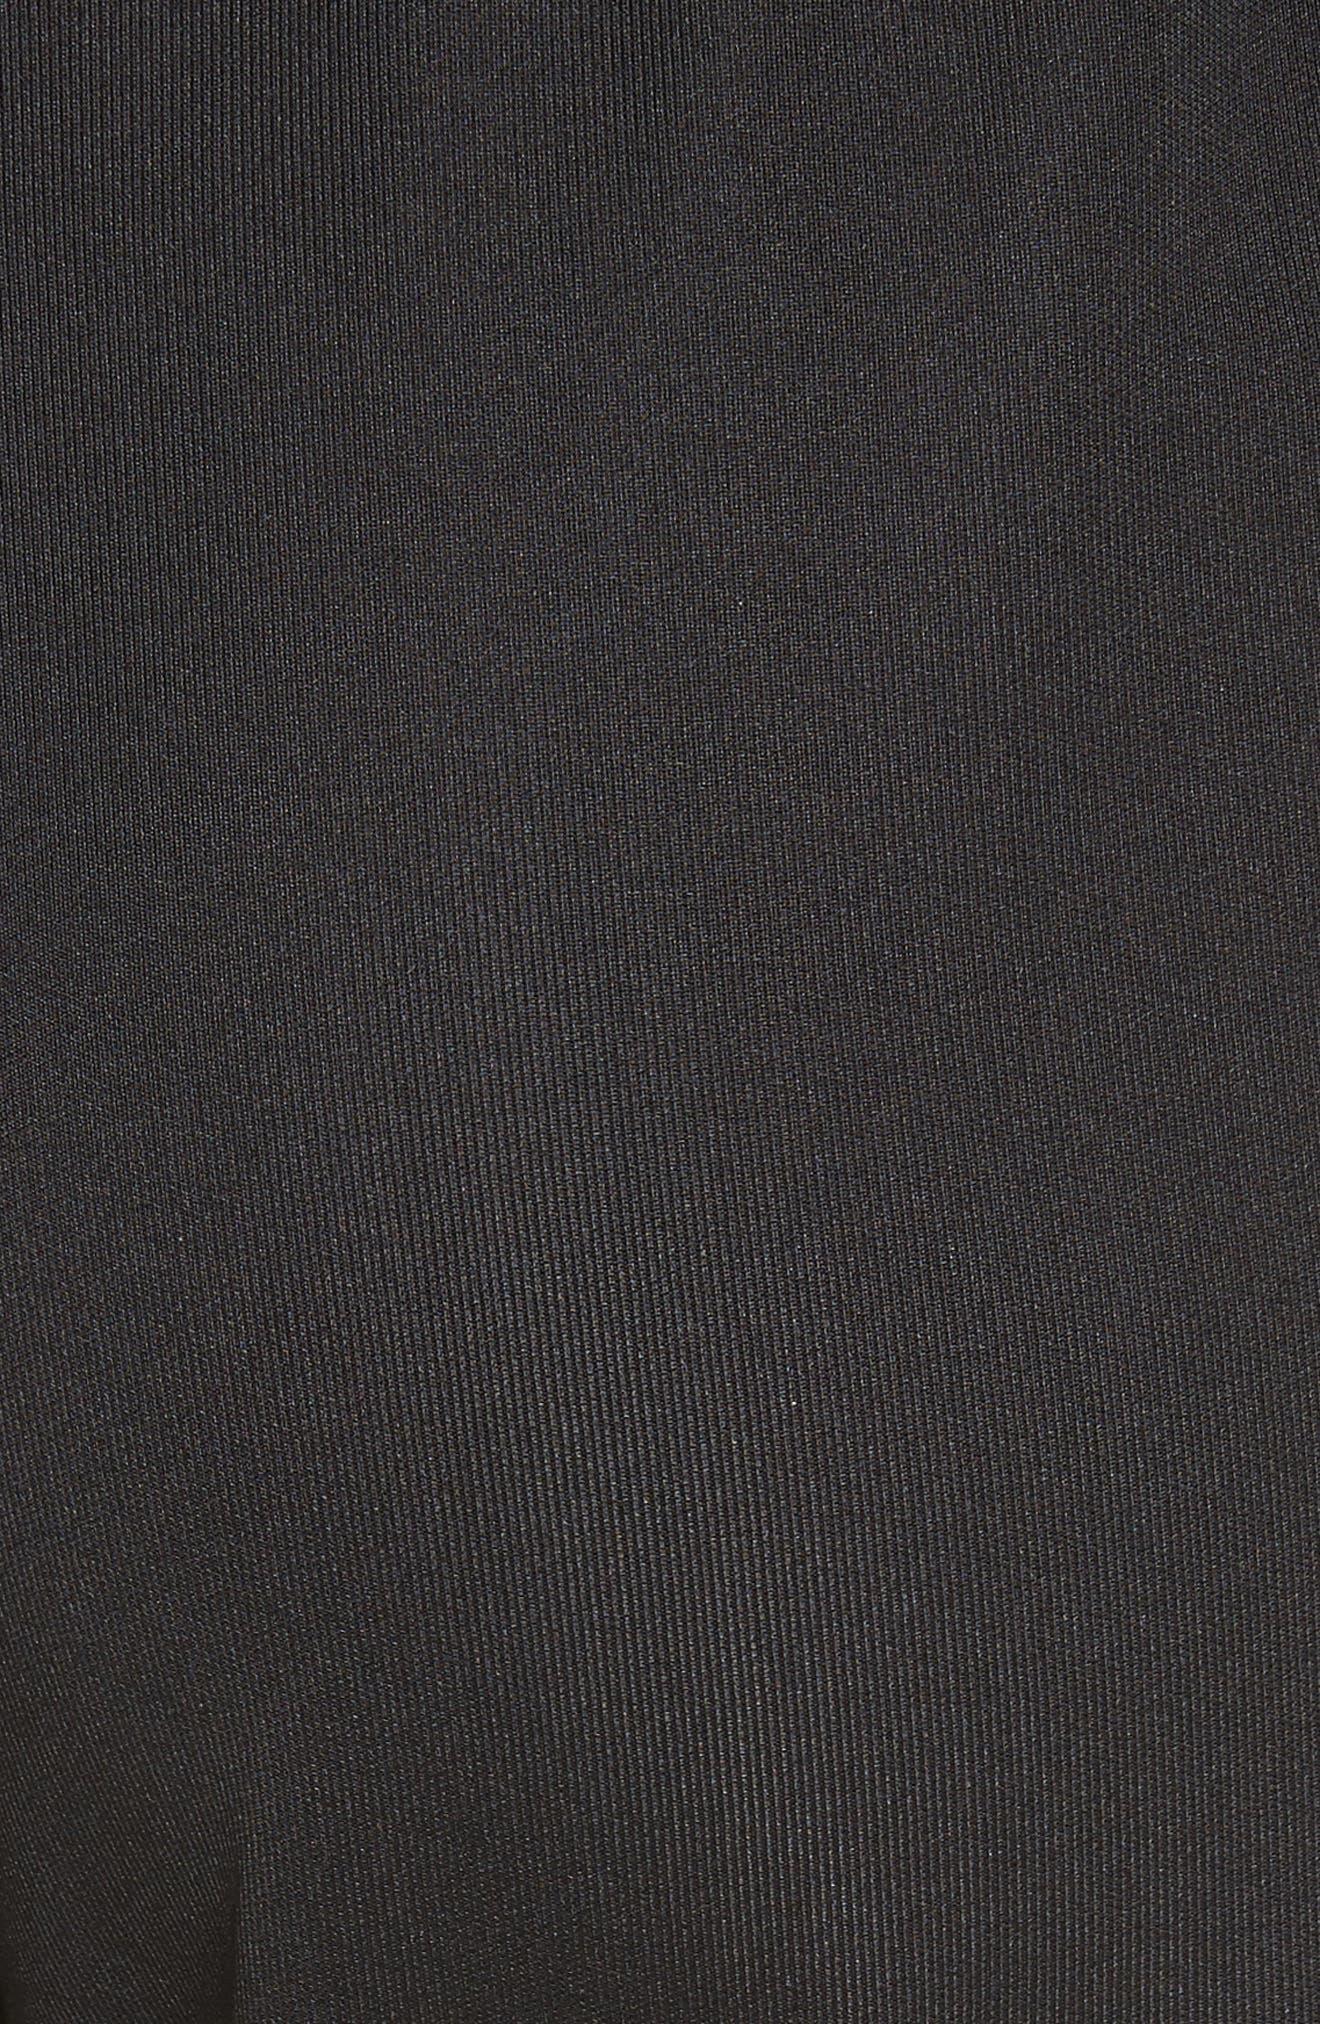 être cécile Stripe Crop Track Pants,                             Alternate thumbnail 5, color,                             001